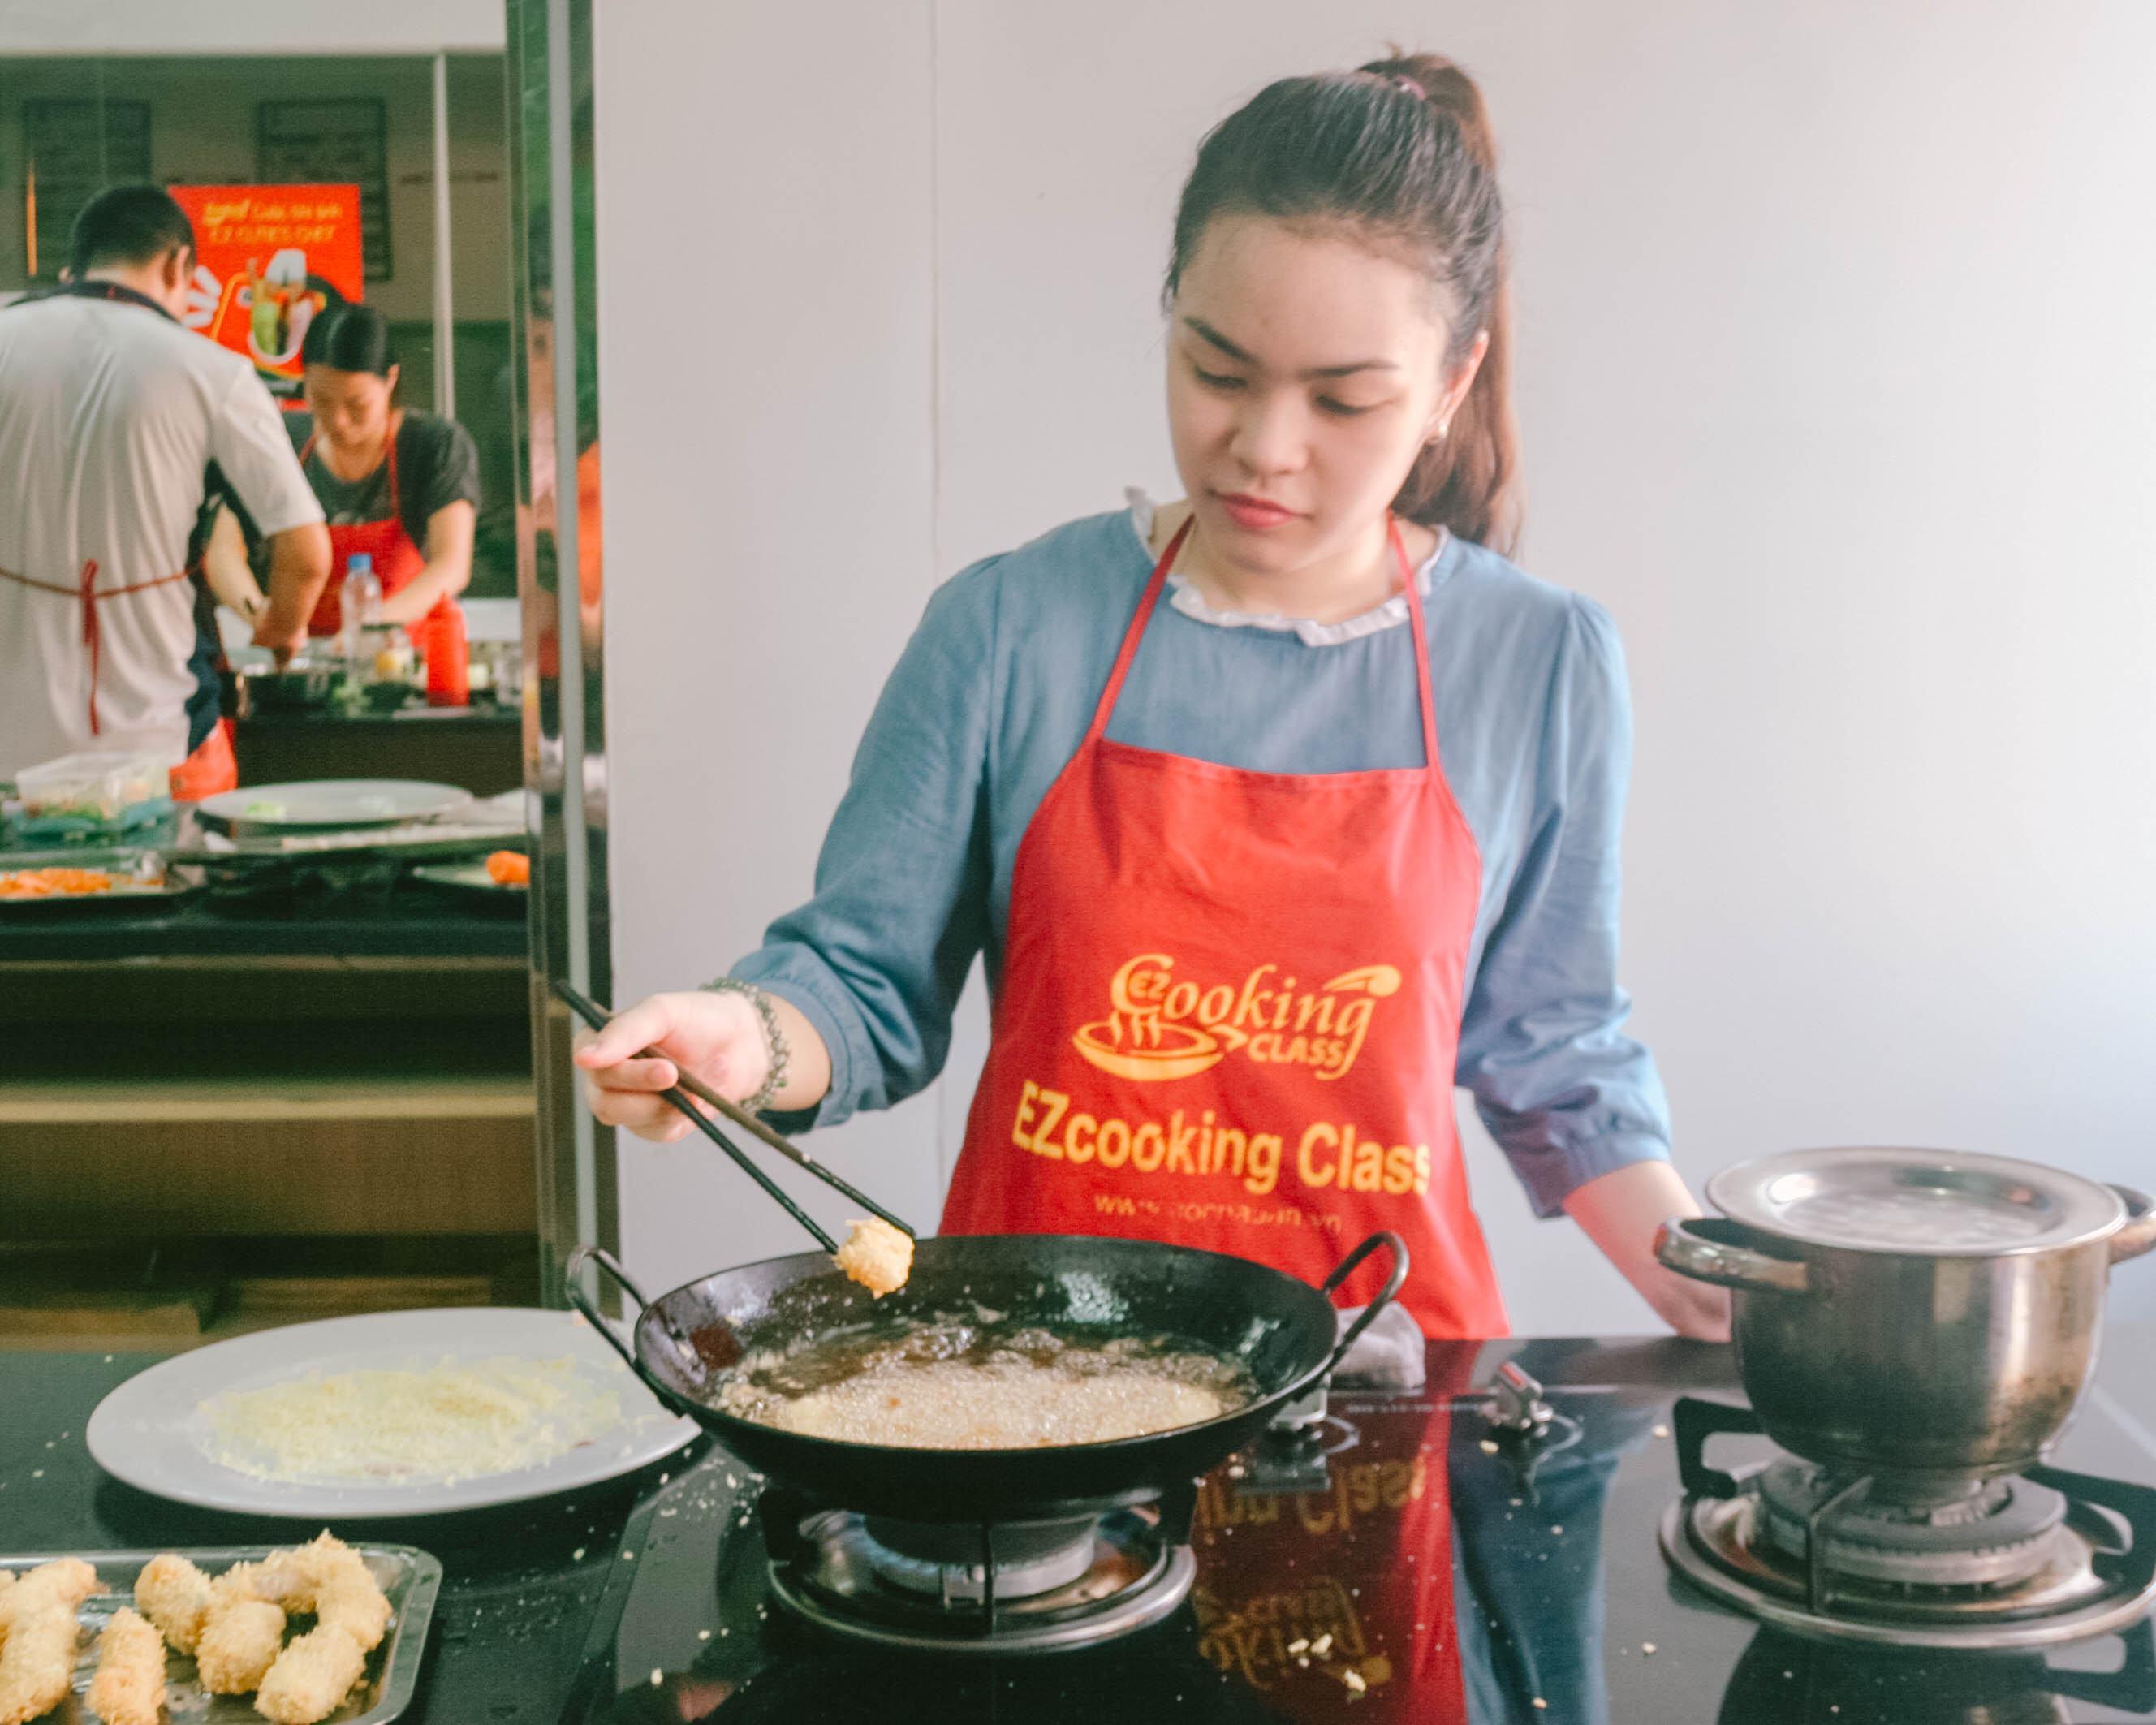 Trung Tâm DạyHọc nấu ăn tại Hà Nộiuy tín